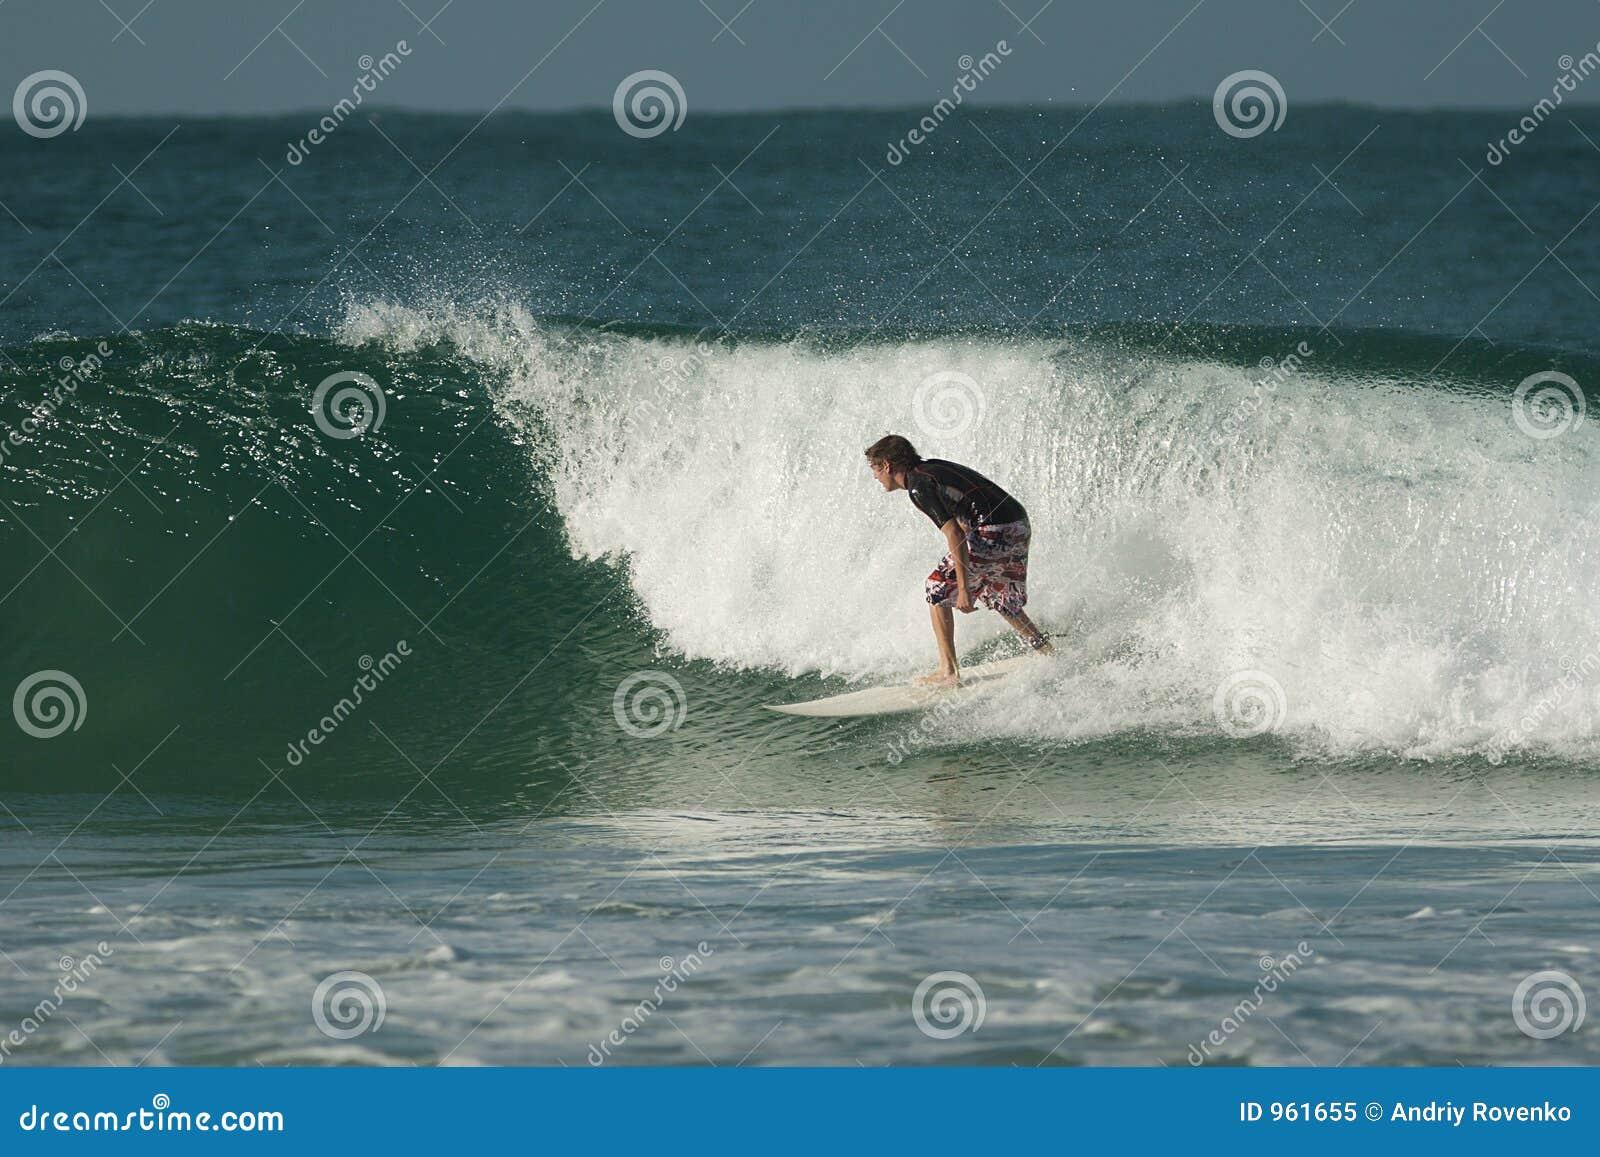 Surfer sur une onde